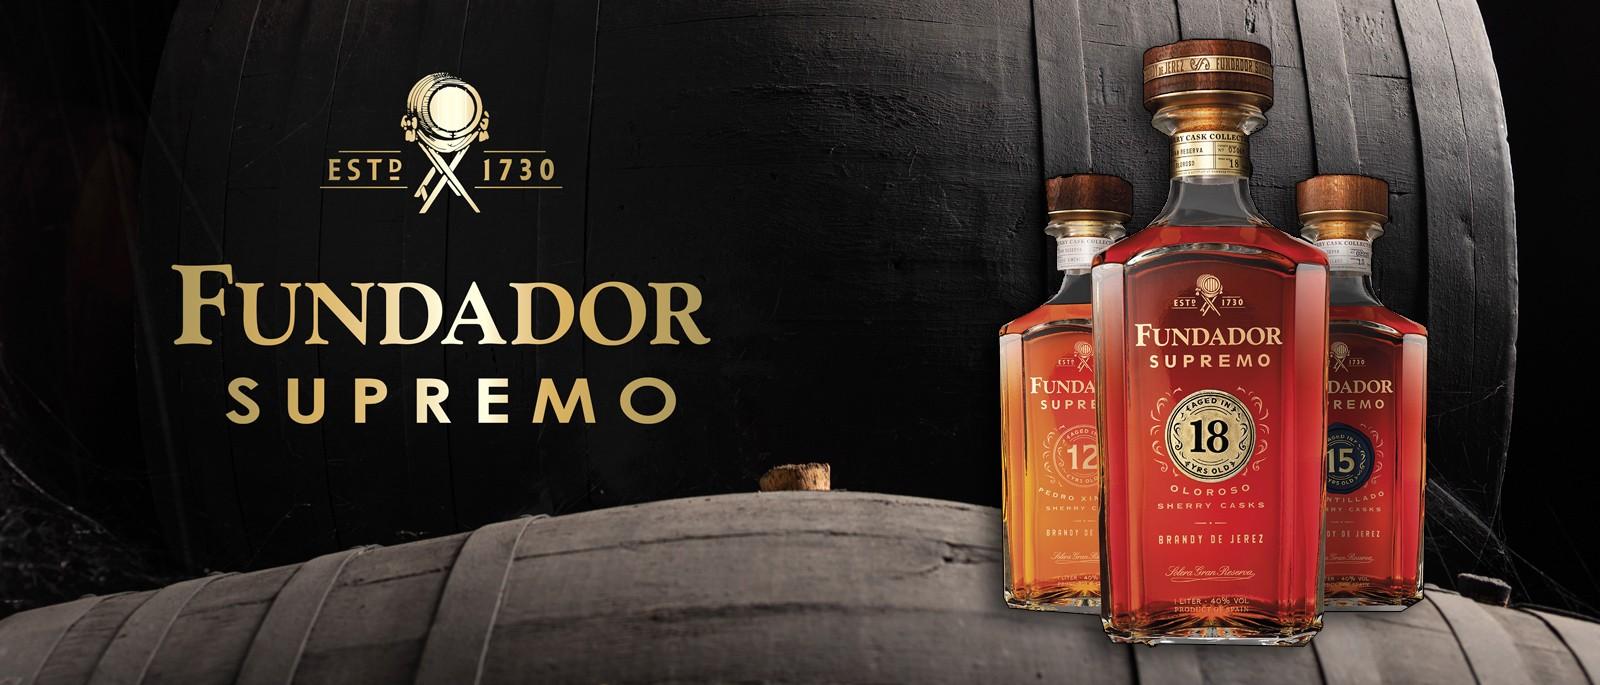 Fundador Brandy Distilleria Landing Page